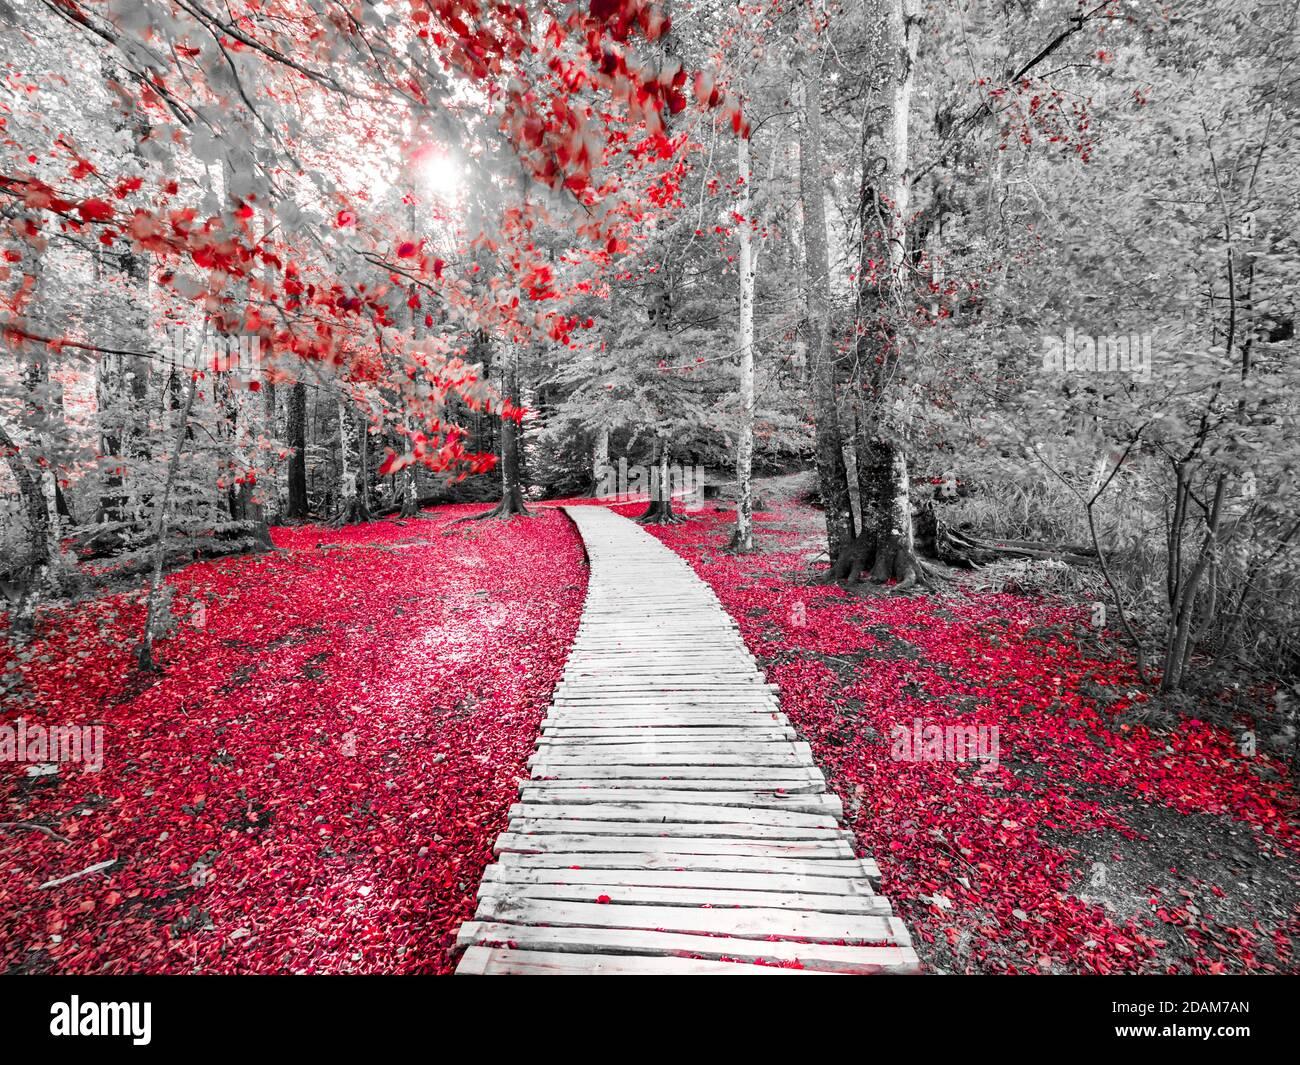 Parque nacional de los lagos de Plitvice en Croacia Europa alterada de color rojo Mezcla con blanco y negro monocromo Foto de stock